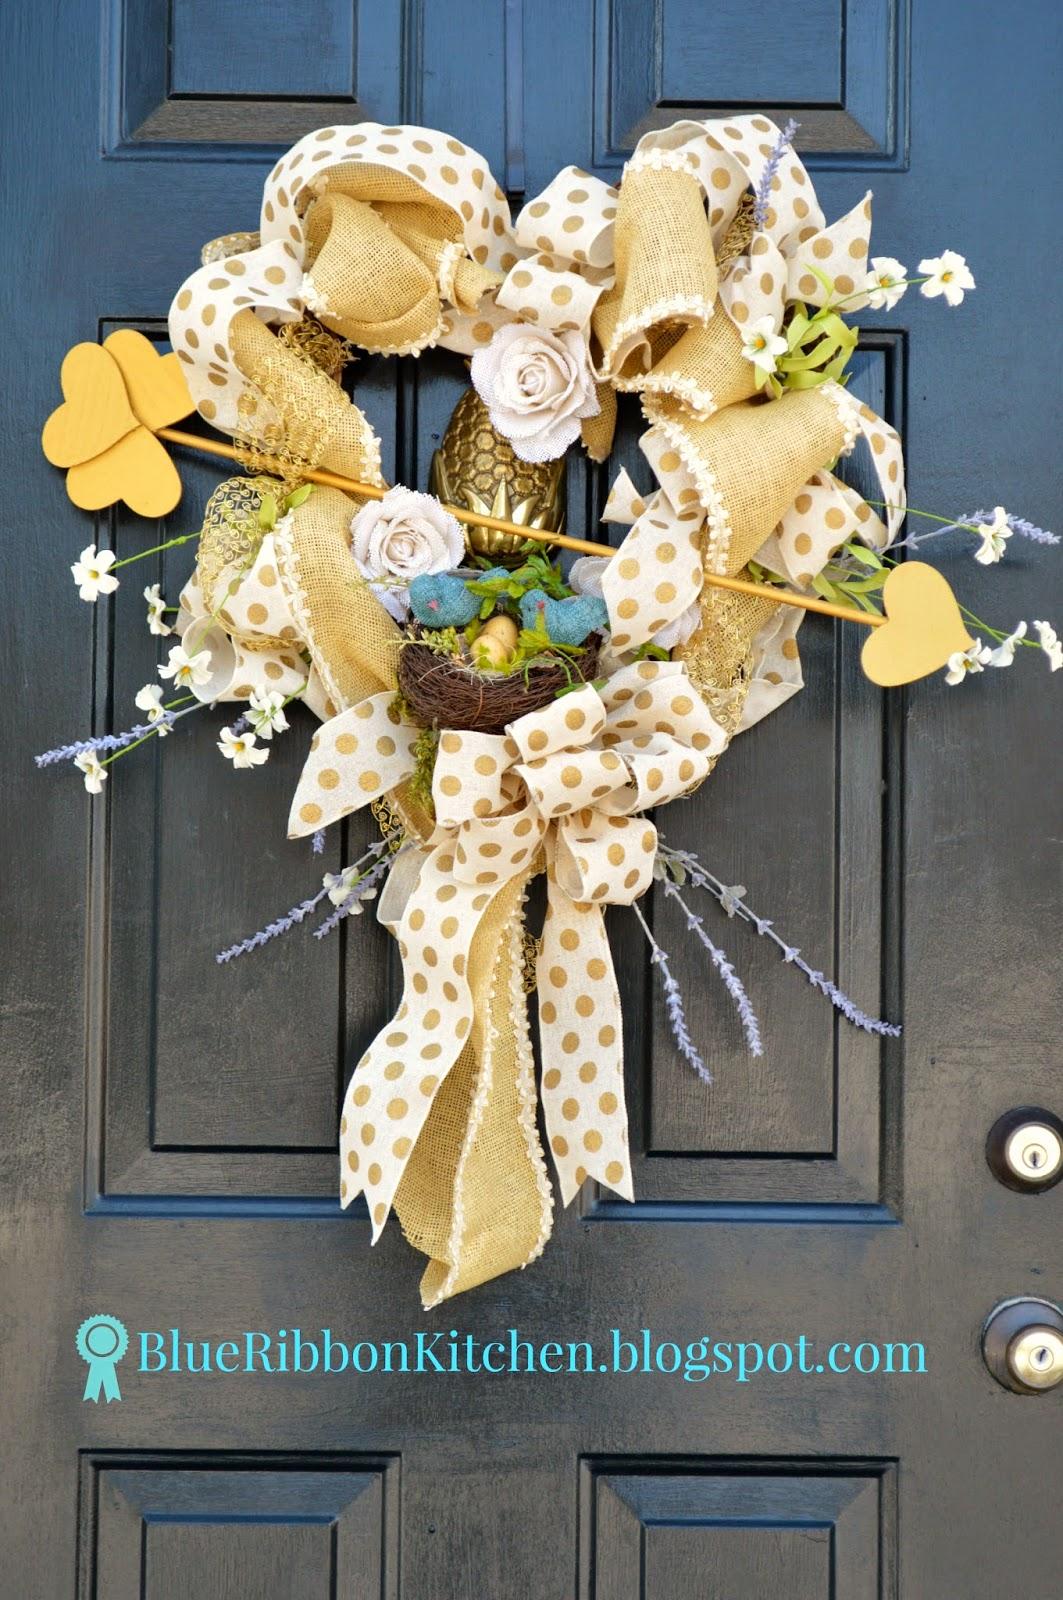 Blue Ribbon Kitchen Lovebird Valentine Heart Wreath